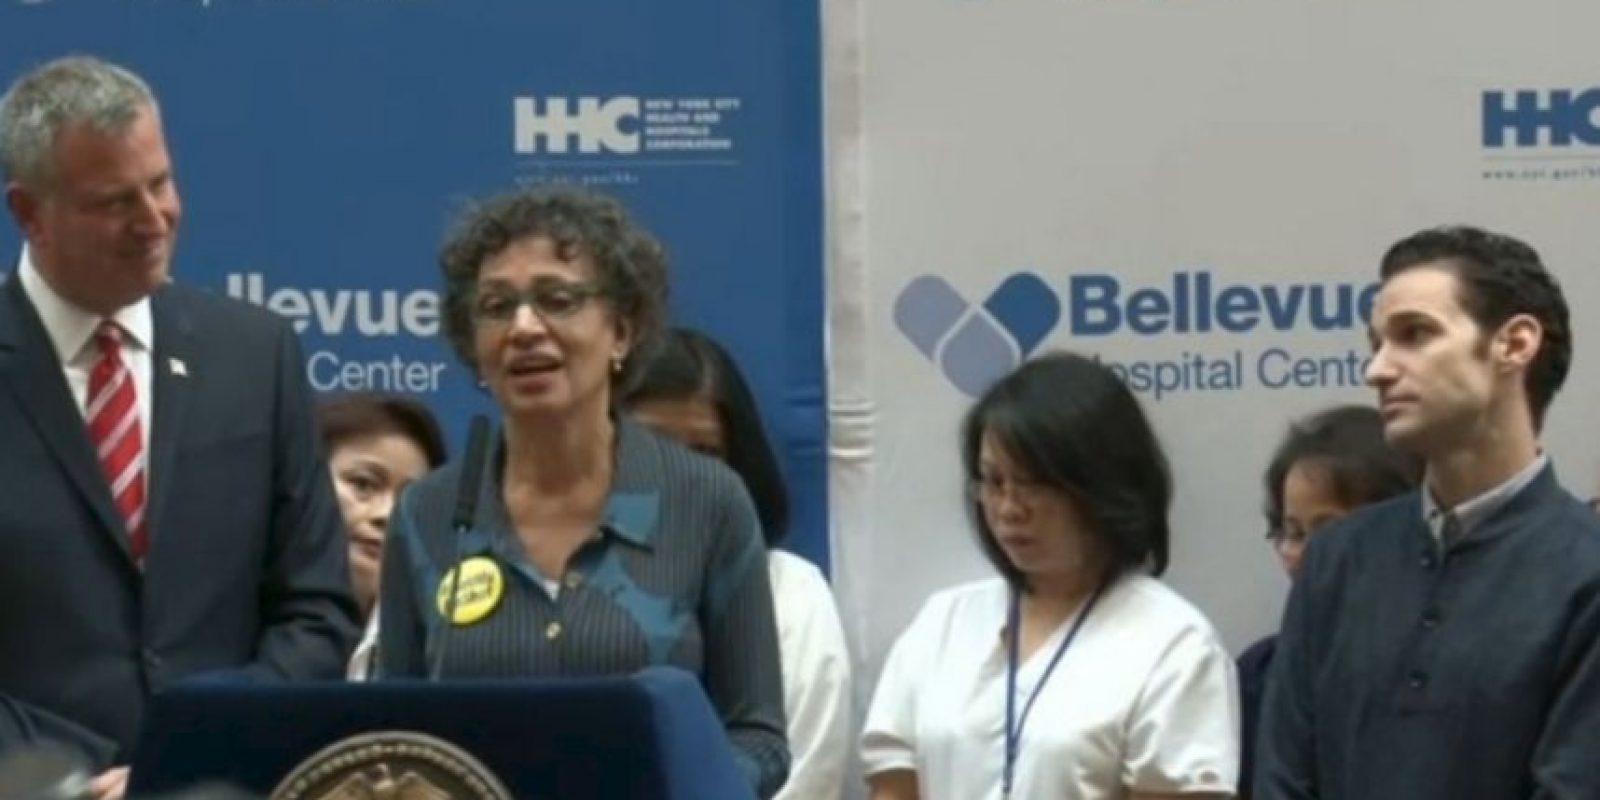 La rueda de prensa donde se anunció que Spencer había vencido la enfermedad Foto:Captura de pantalla